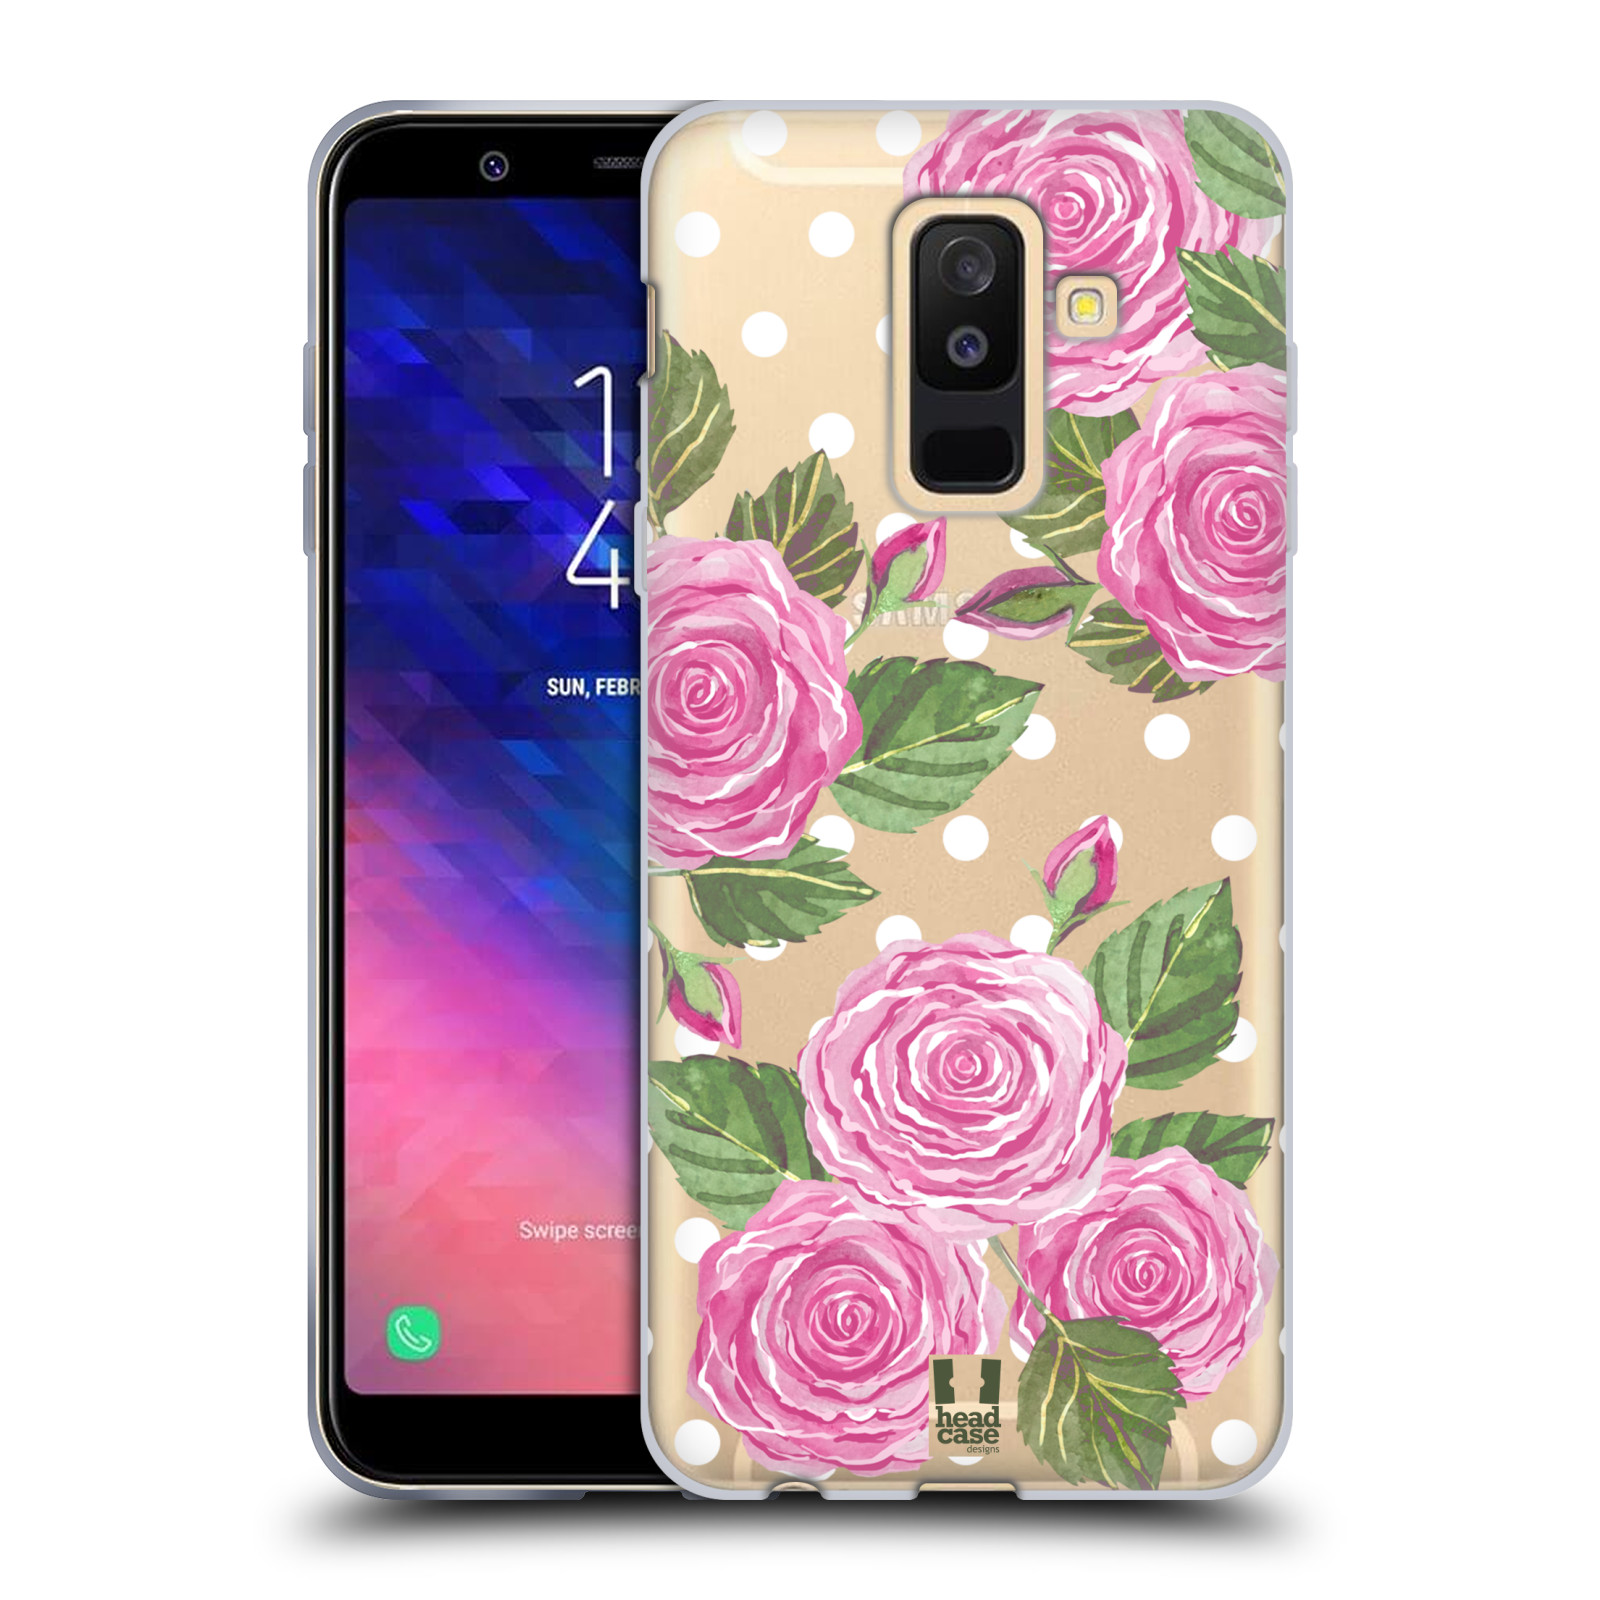 Silikonové pouzdro na mobil Samsung Galaxy A6 Plus (2018) - Head Case - Hezoučké růžičky - průhledné